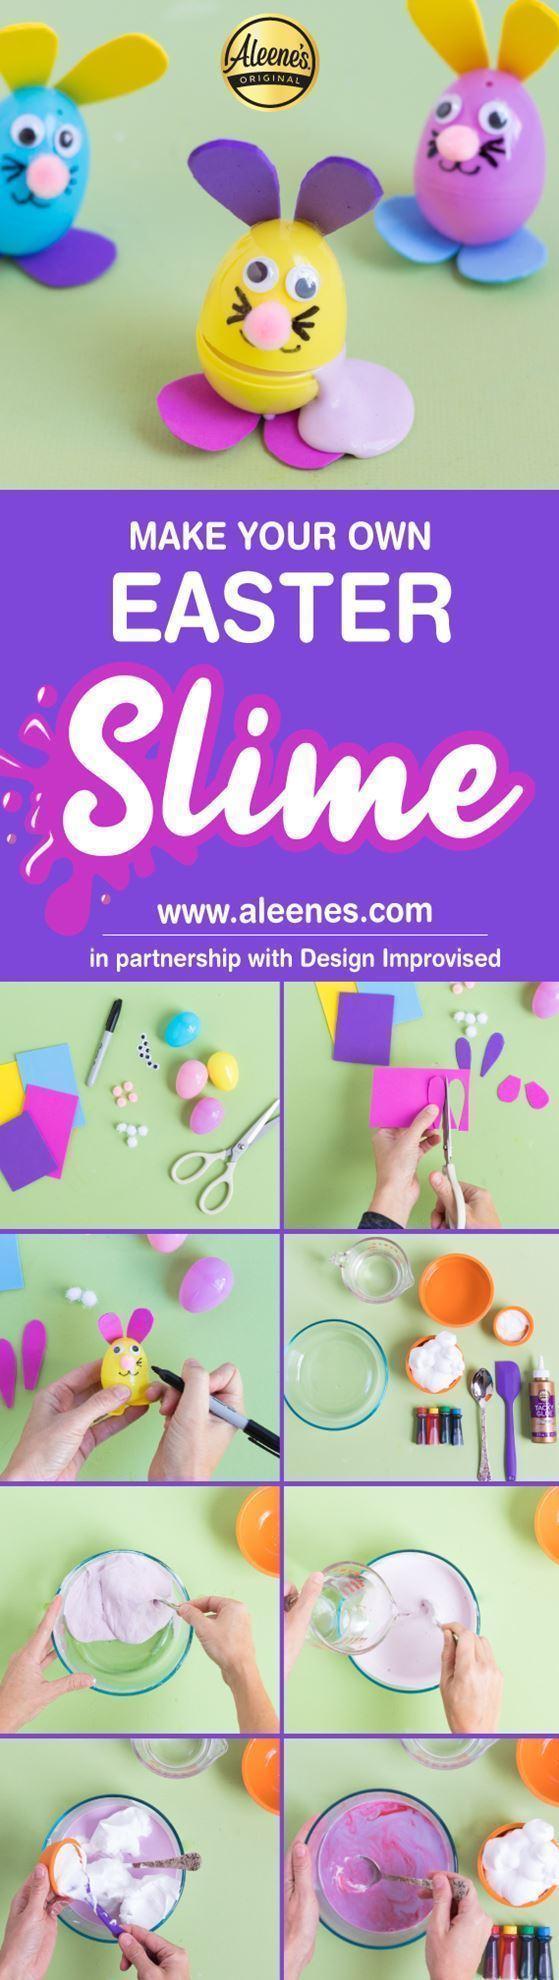 Aleene's Easy Easter Craft: Pastel Fluffy Slime